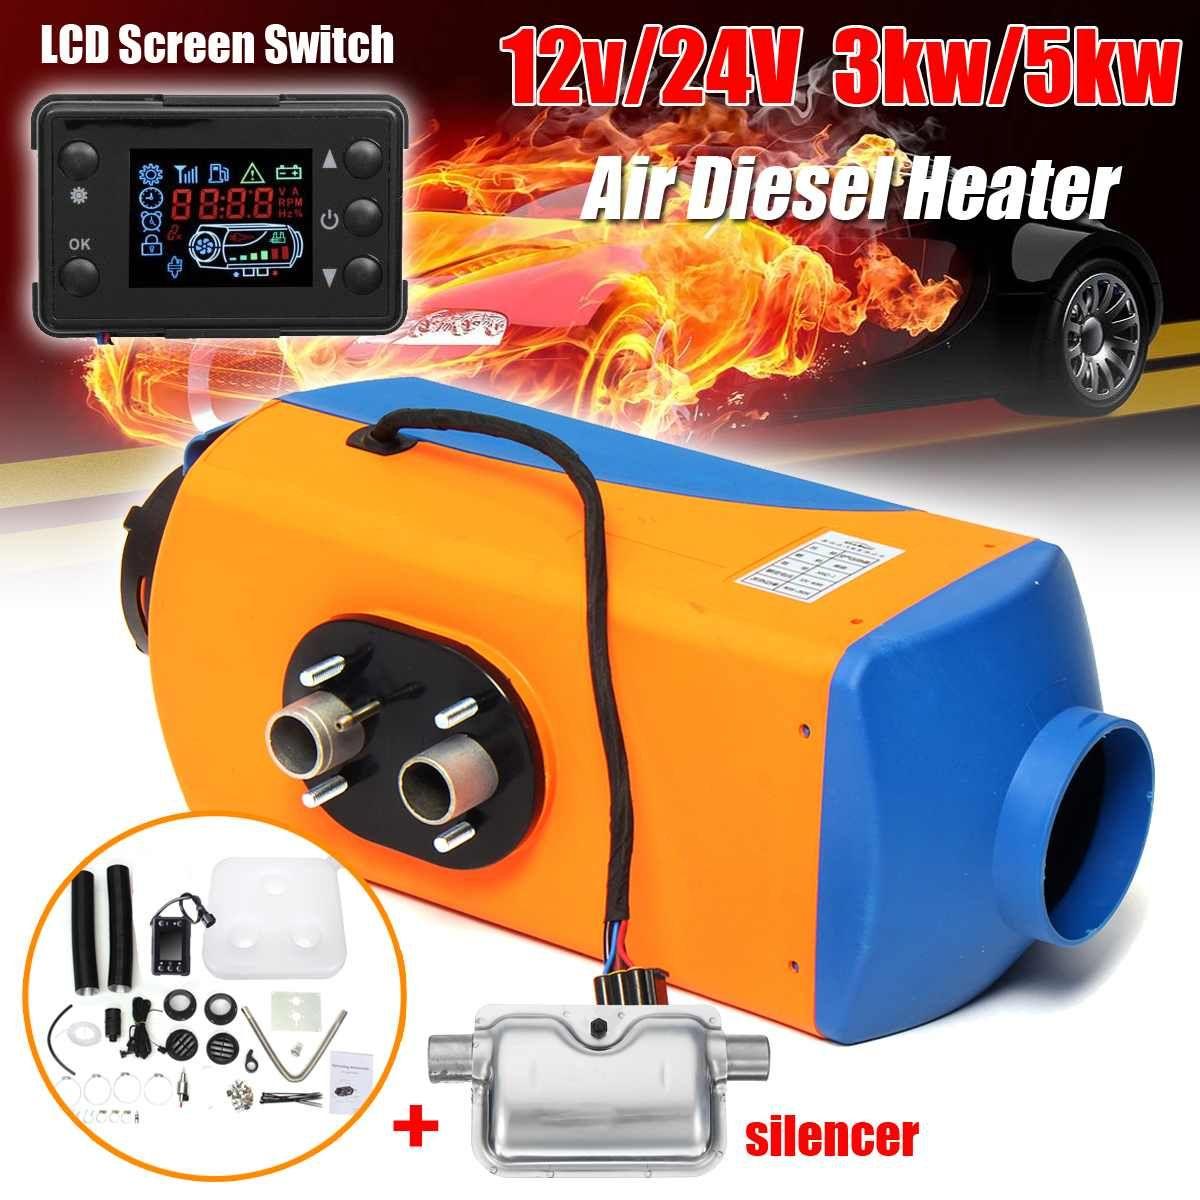 KROAK 3KW/5KW 12 V/24 V Auto Heizung LCD Bildschirm Schalter 10L Tank Diesel Air Parken Heizung winter Wärmer mit Schalldämpfer Für RV Lkw